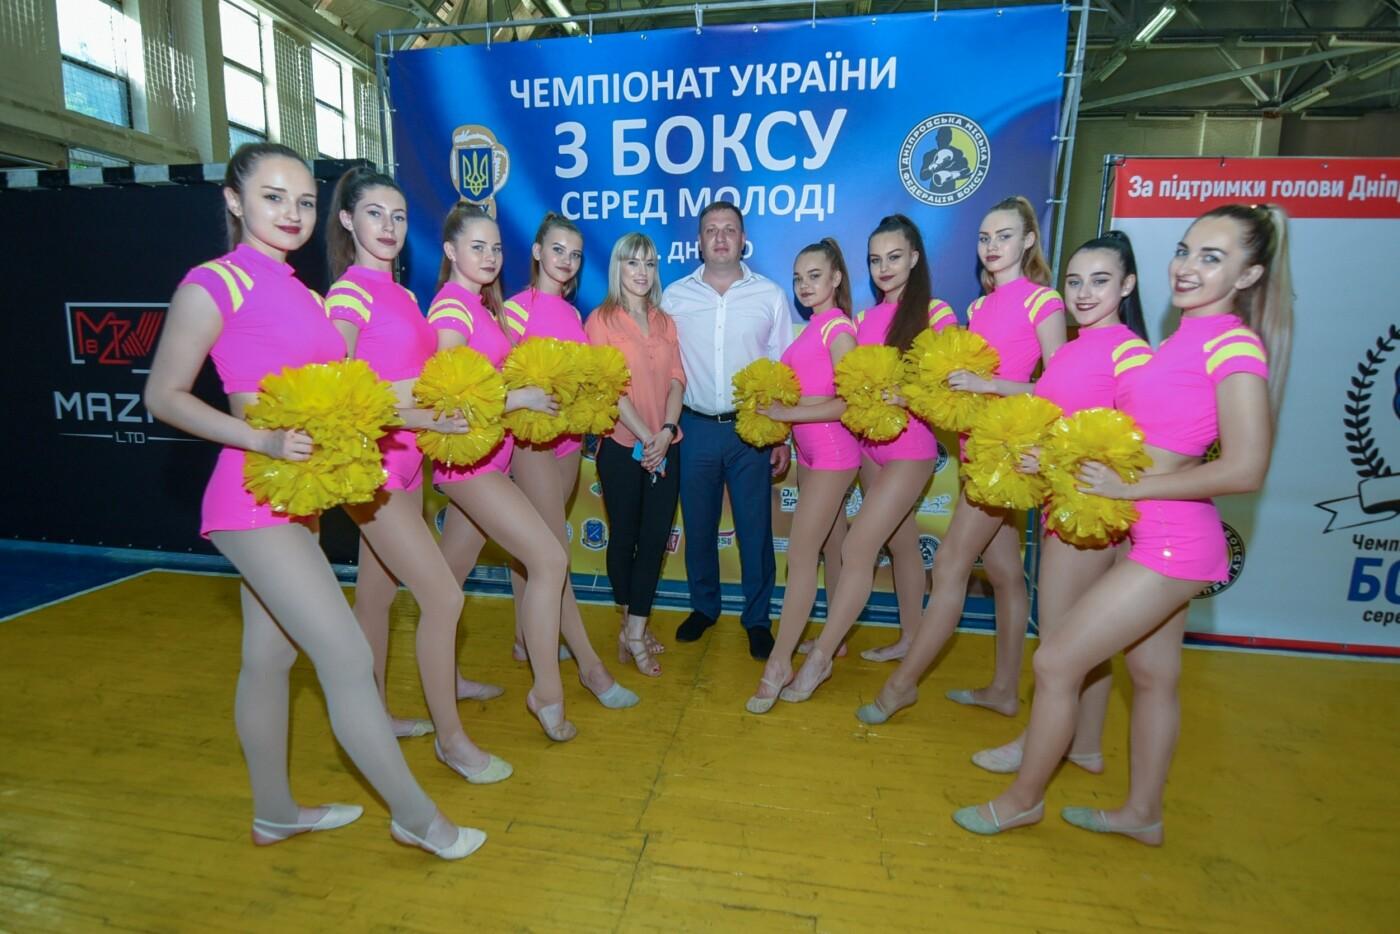 Каменчанин Максим Городнюк – серебряный чемпион Украины, фото-1